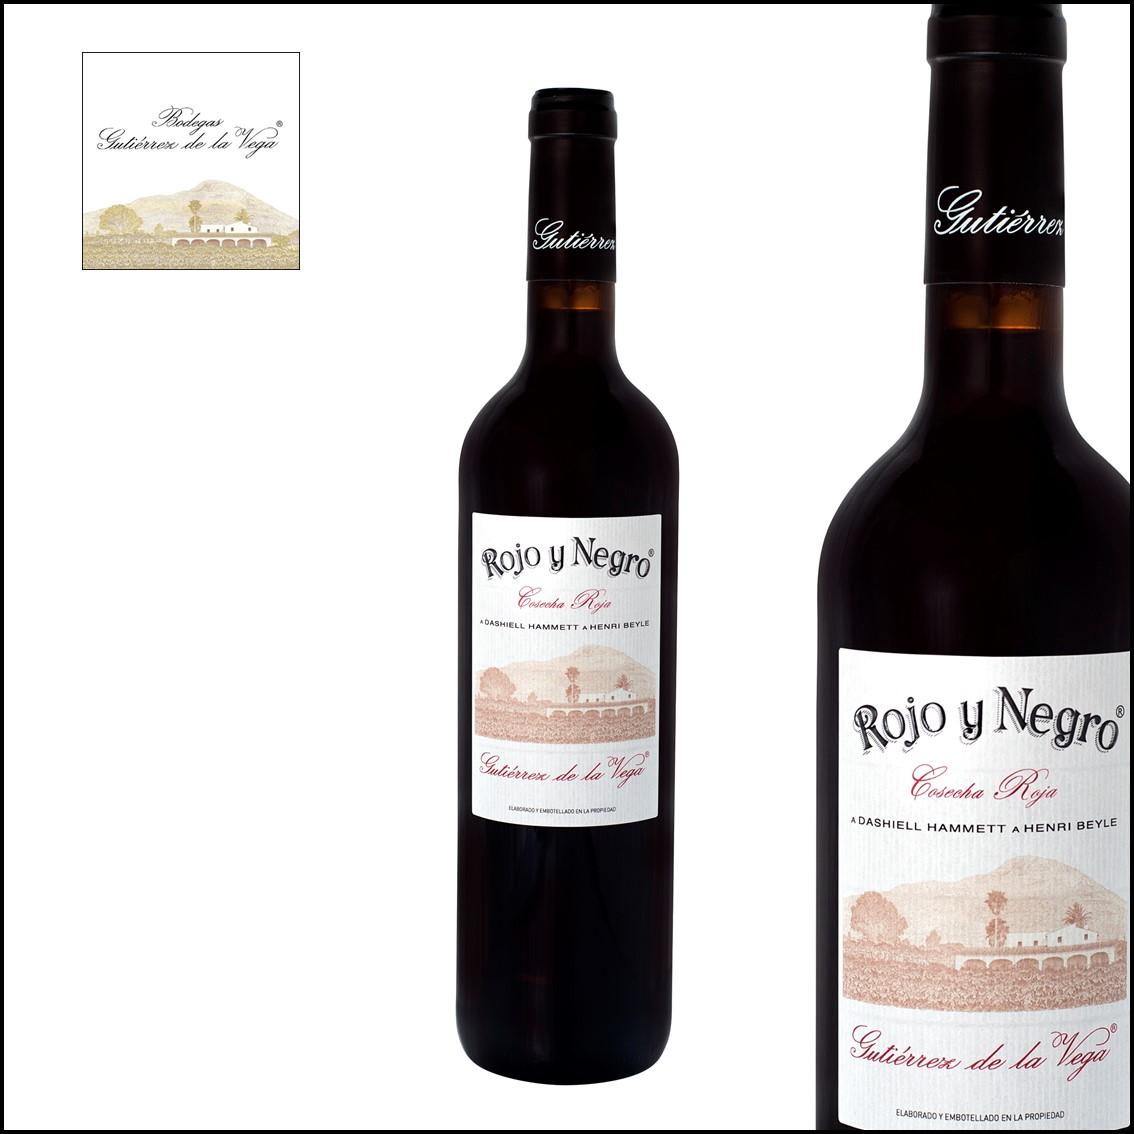 Gutiérrez de la Vega Rojo y Negro